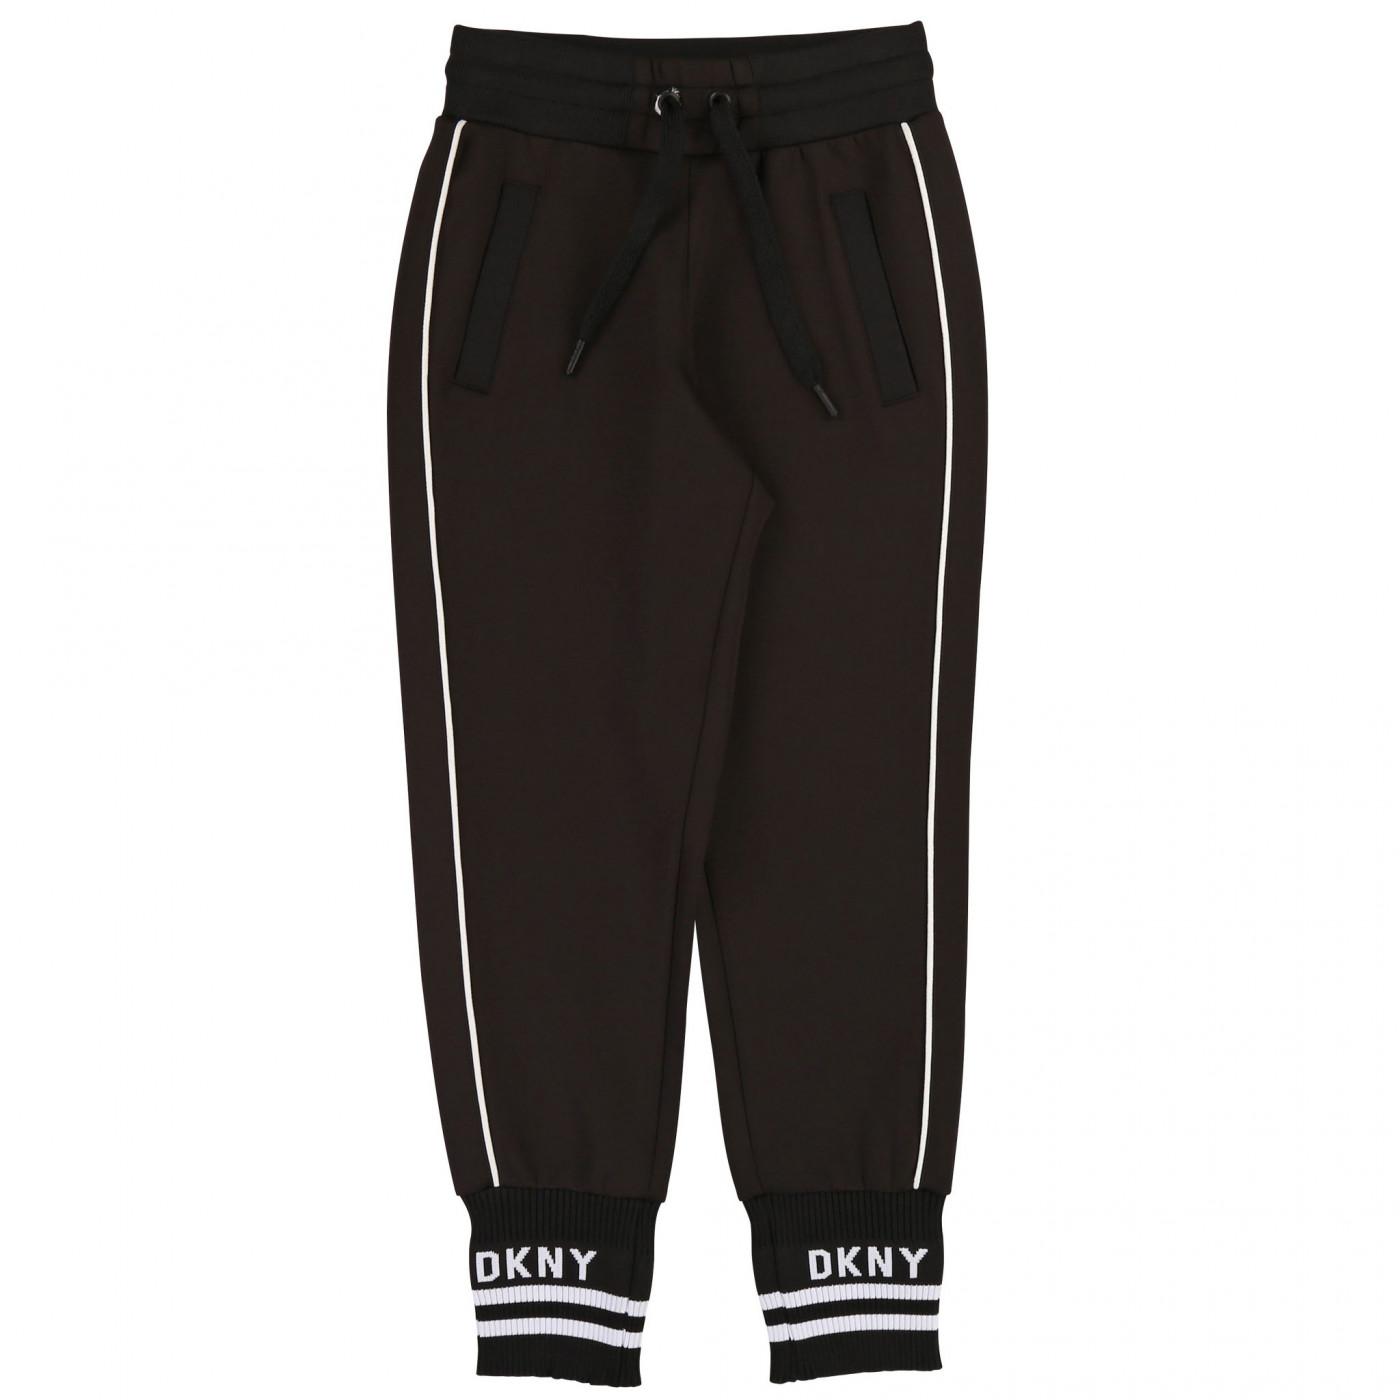 Спортивные брюки DKNY D24701-09B